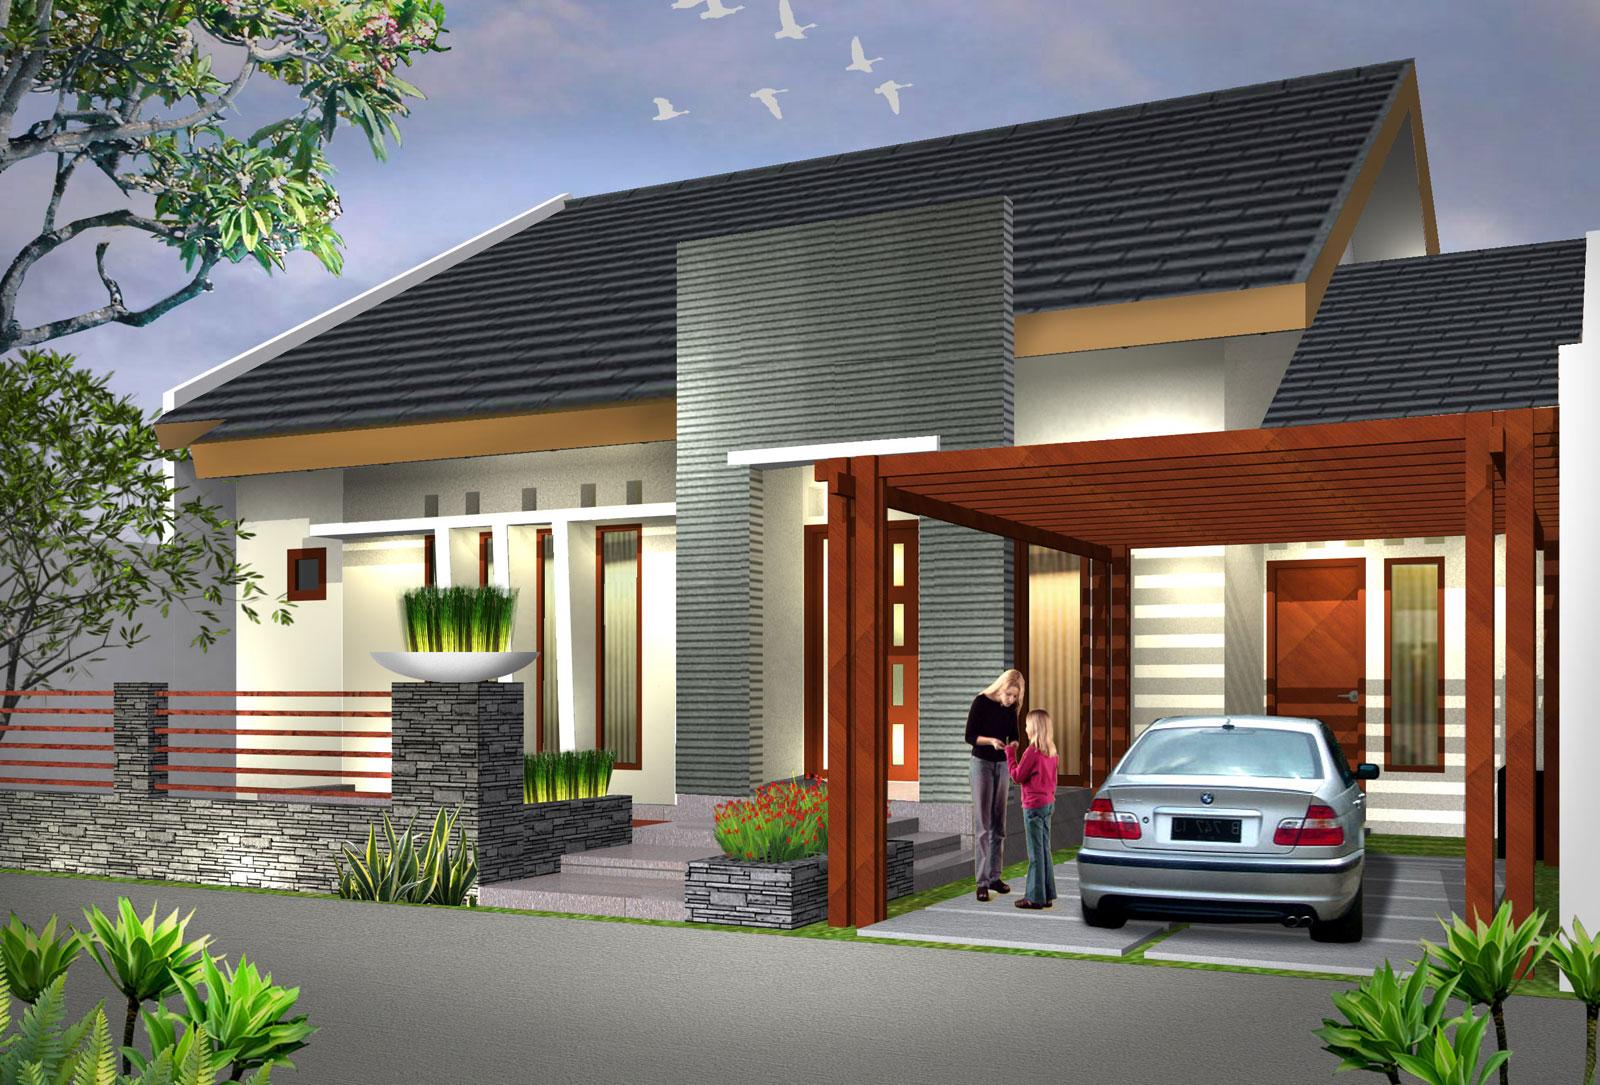 15 Desain Dan Denah Rumah Minimalis Type 90 Satu Lantai Modern Dan